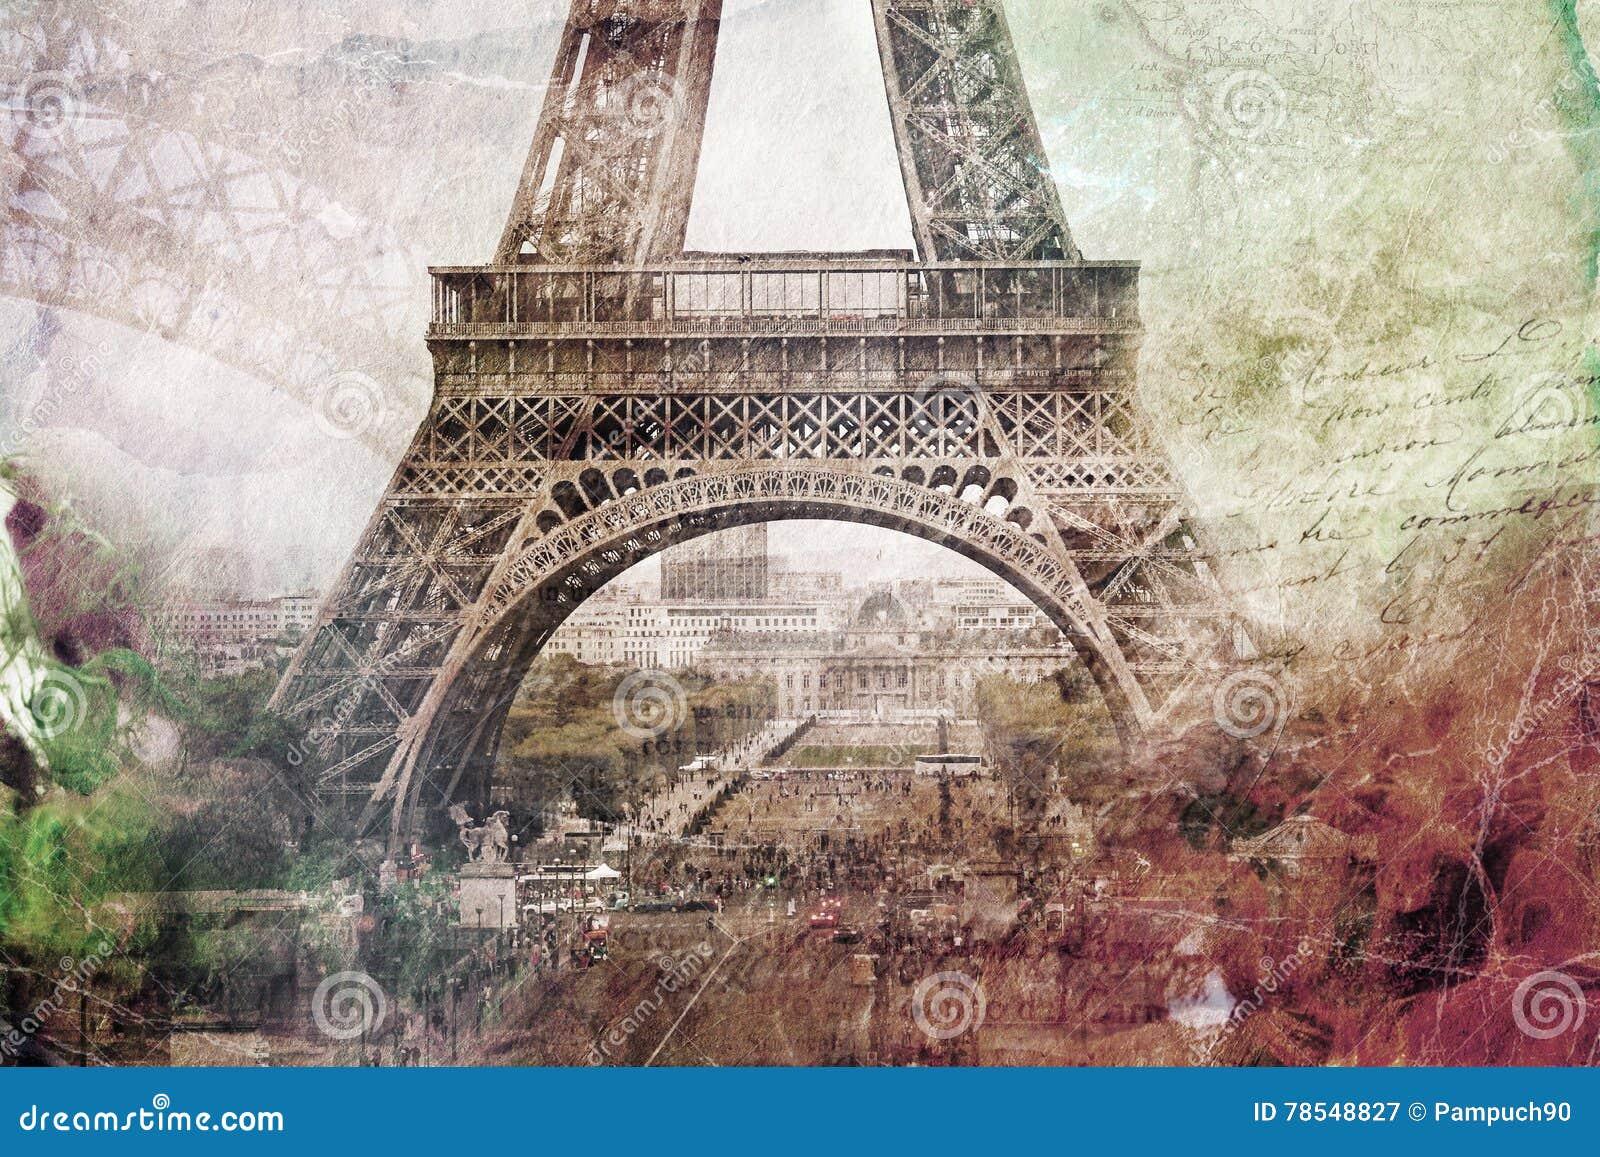 Arte digital abstracto de la torre Eiffel en París Papel viejo Arte de Digitaces, alta resolución, imprimible en lona